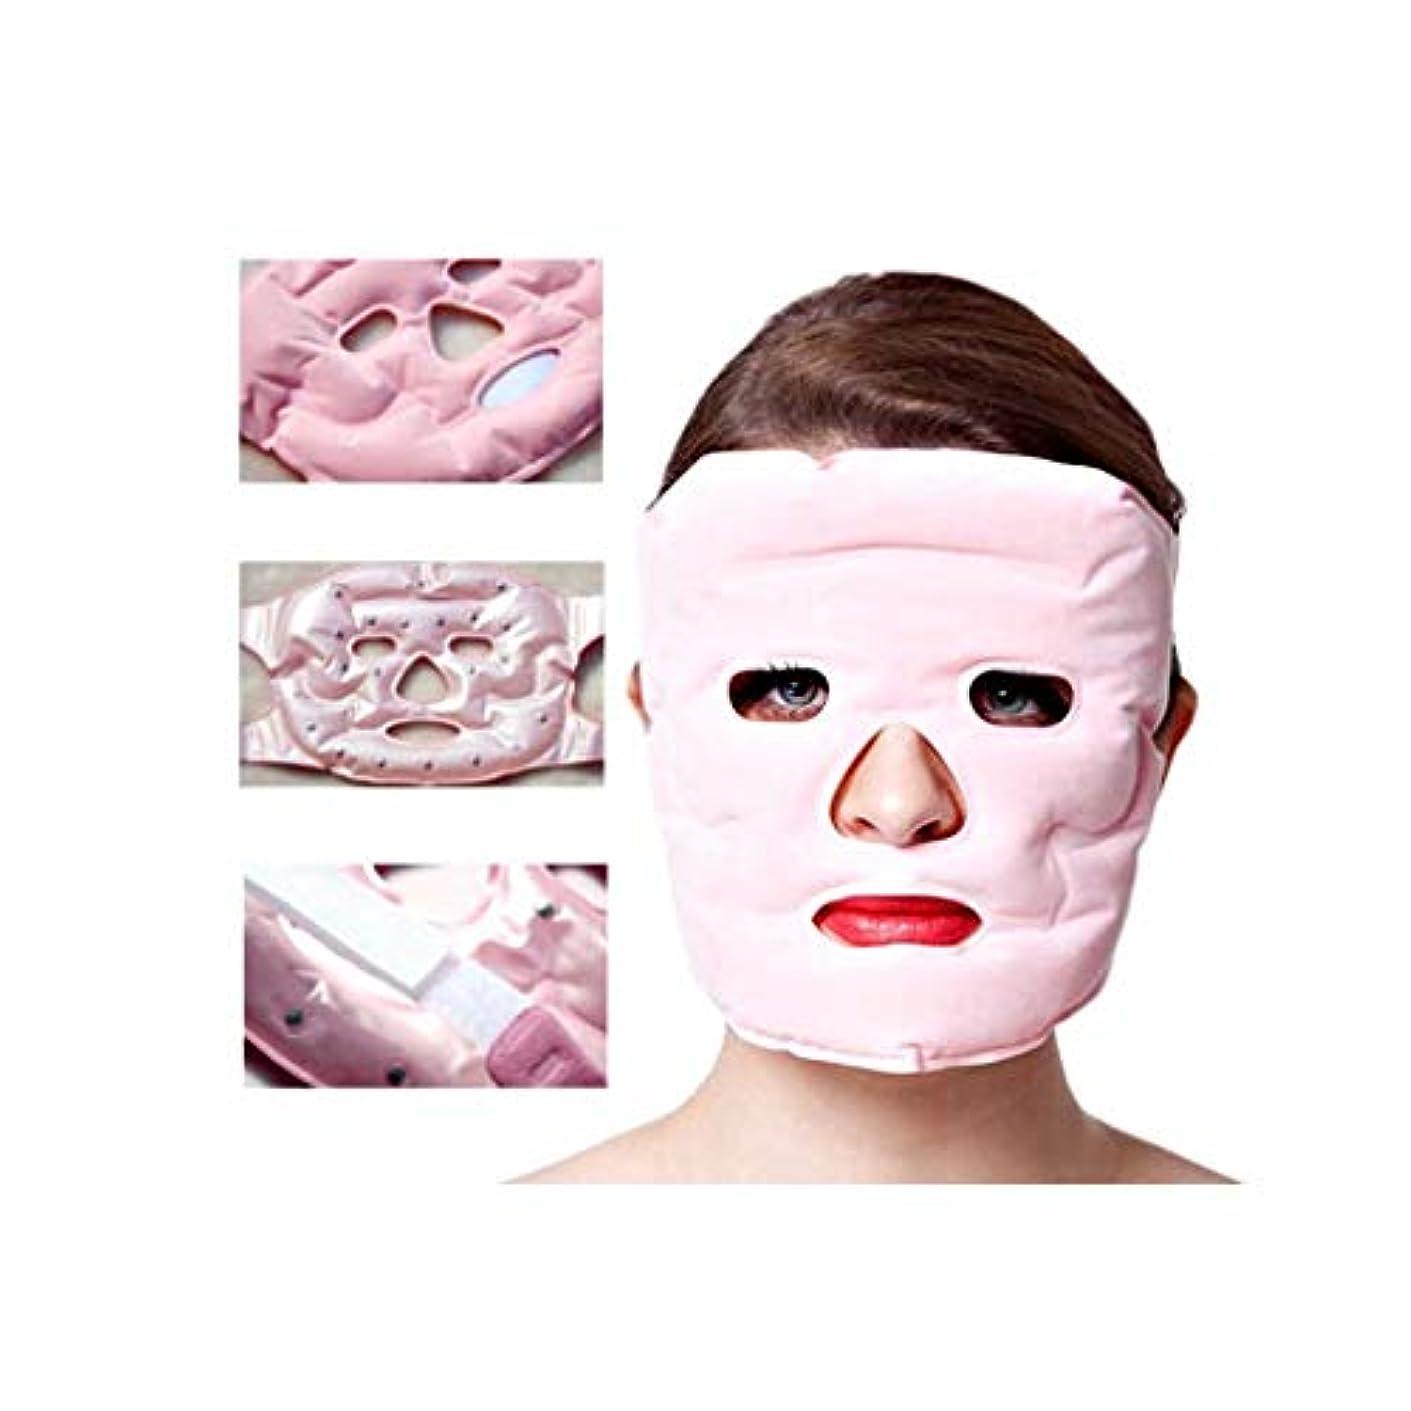 マウント徒歩で男やもめフェイシャルスリミング、Vフェイスマスク、フェイスリフティングビューティーマスク、磁気療法リフティングフェイス、肌の状態を改善するための肌の頬の引き締め